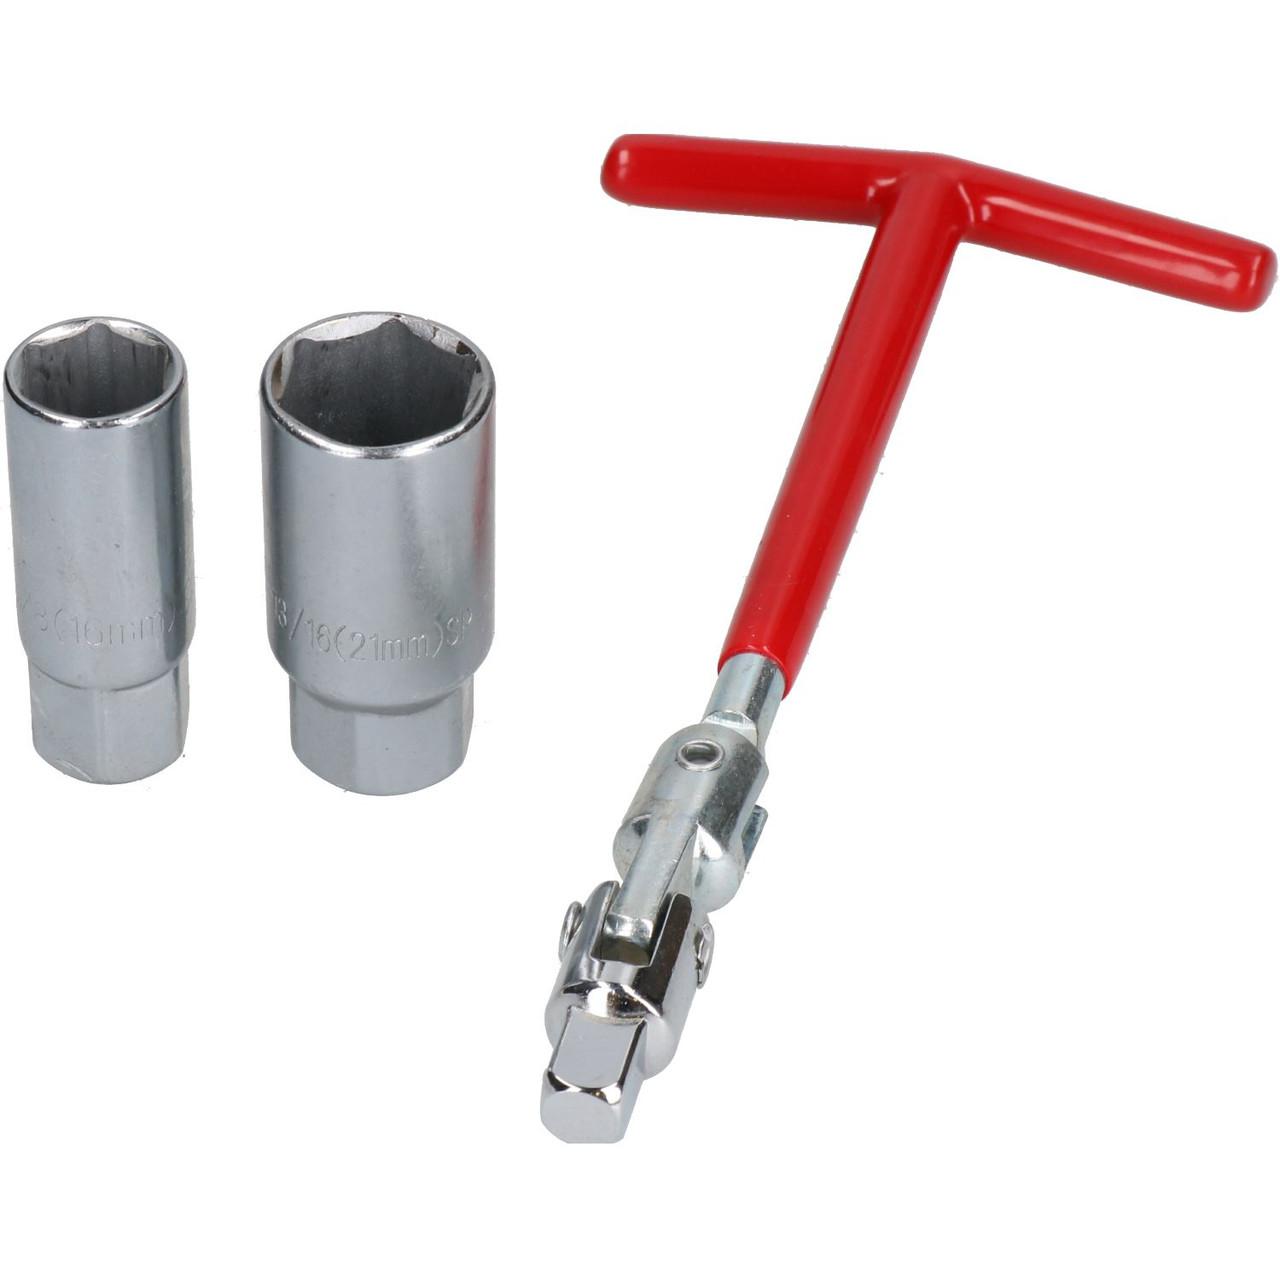 Car 16mm Hex Socket T Bar Handle Spark Plug Wrench Remover Installer